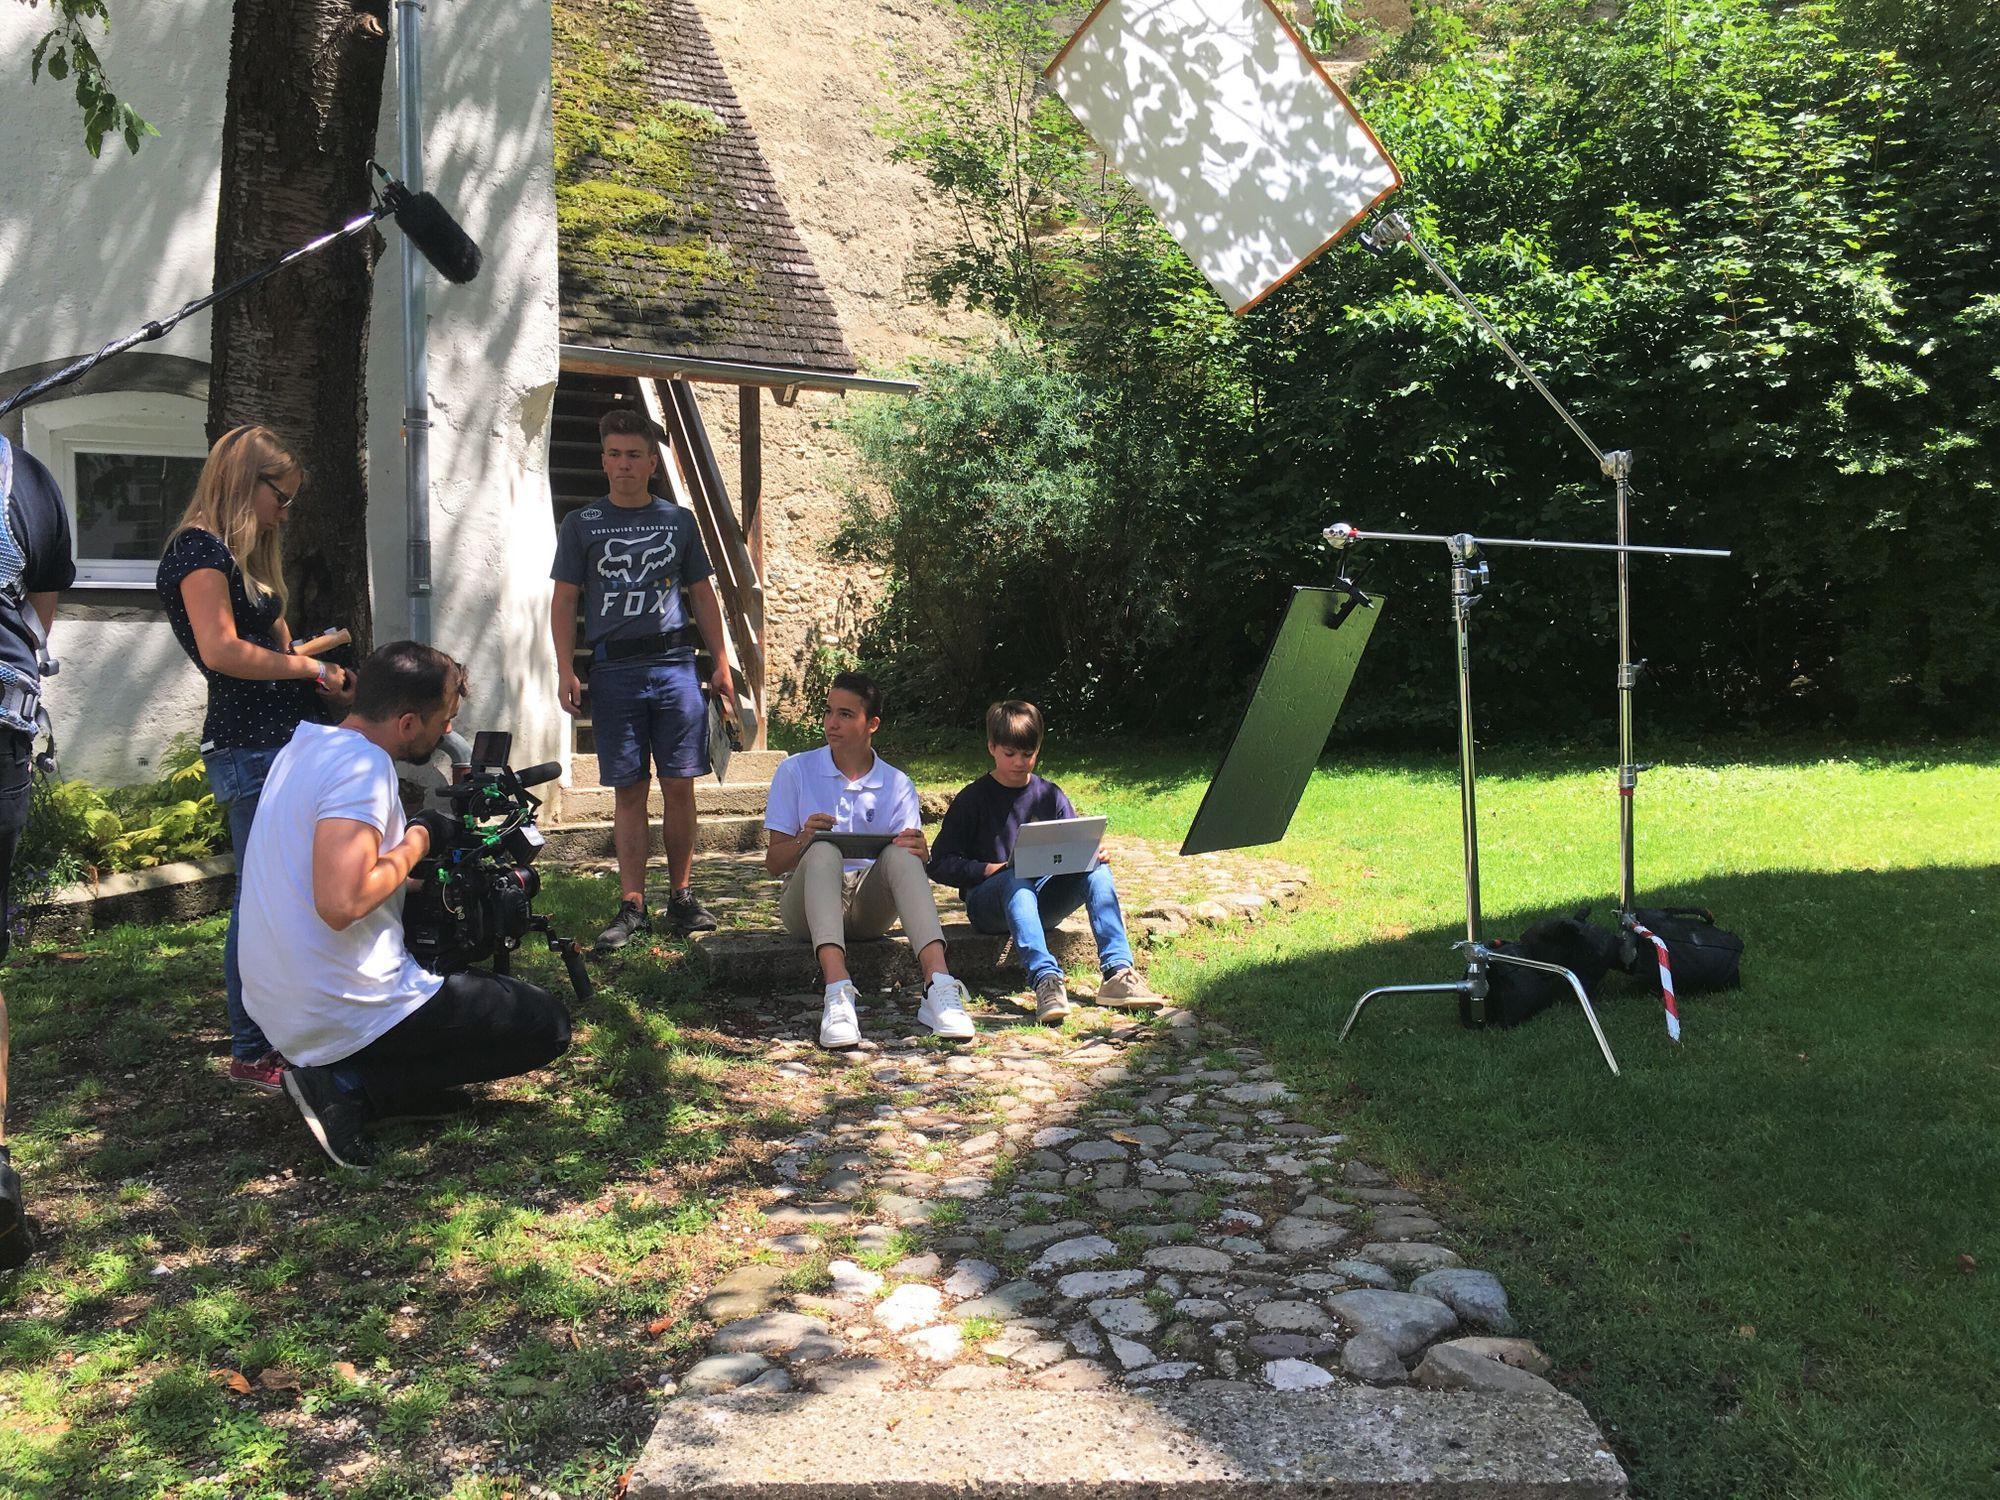 Eine Szene wird vom Filmteam abgedreht, in der Lernende auf einer Wiese des Schulgeländes sitzen